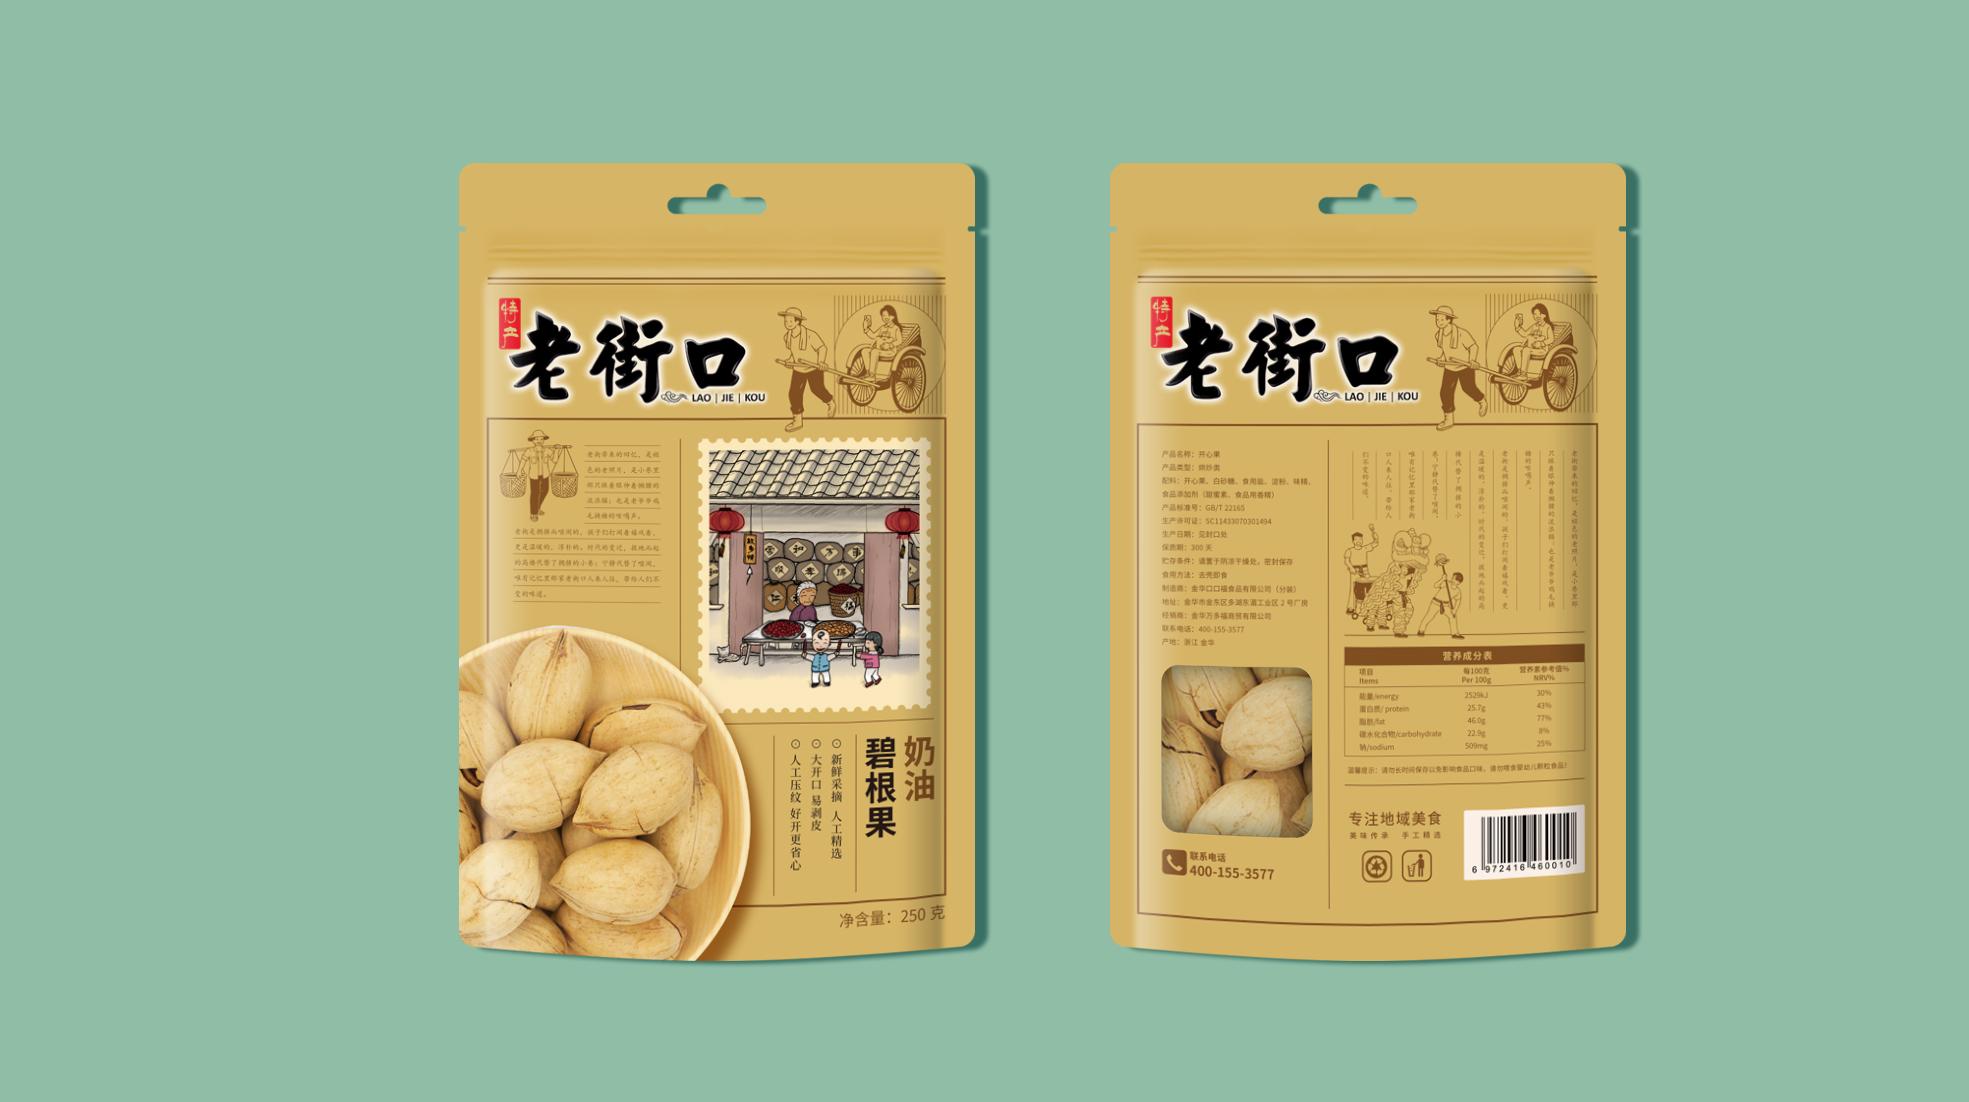 坚果包装设计